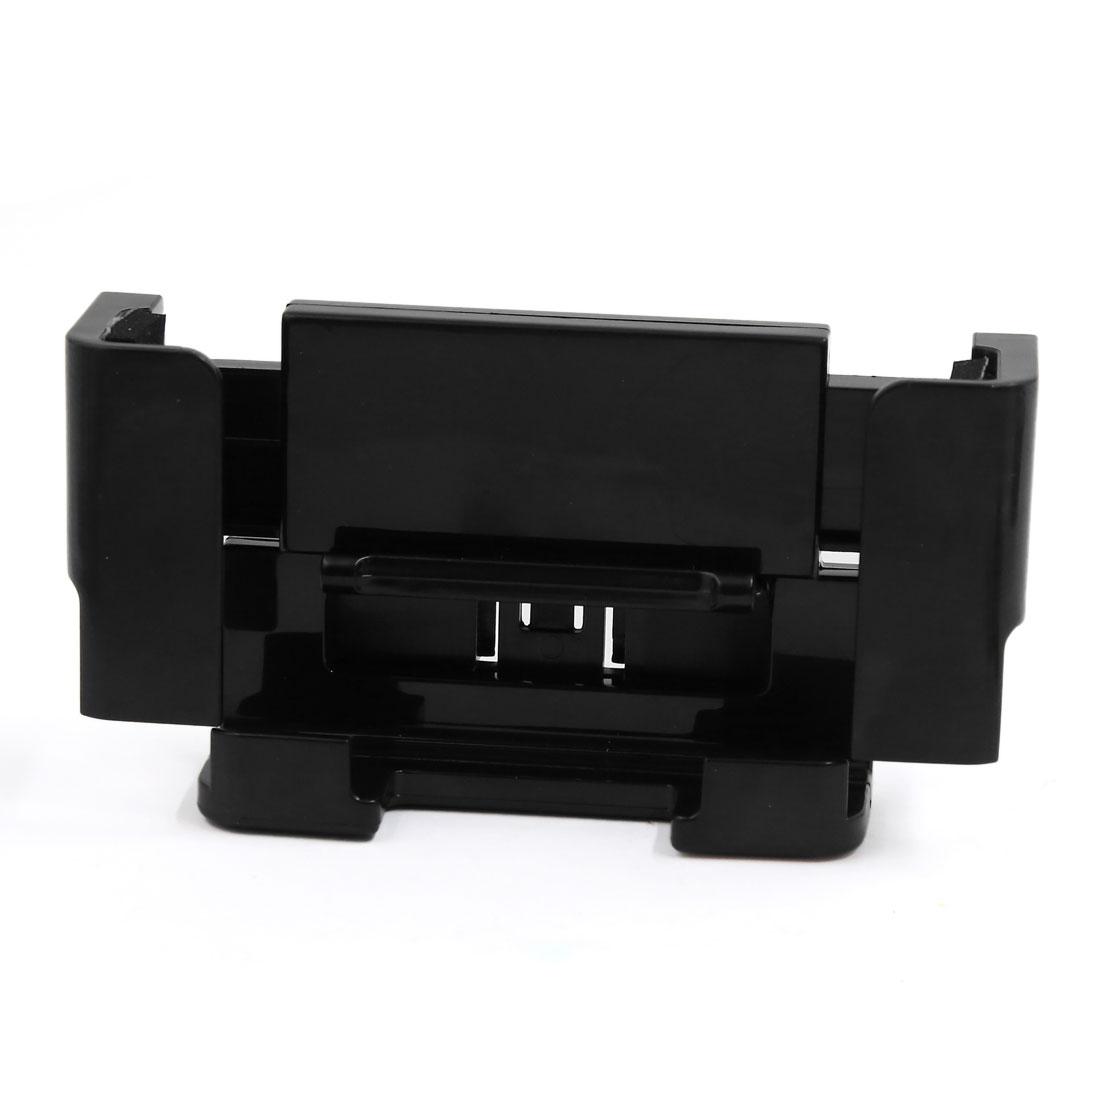 Car Black Plastic Windshield Dashboard Mount Smartphone MP5 Holder Bracket